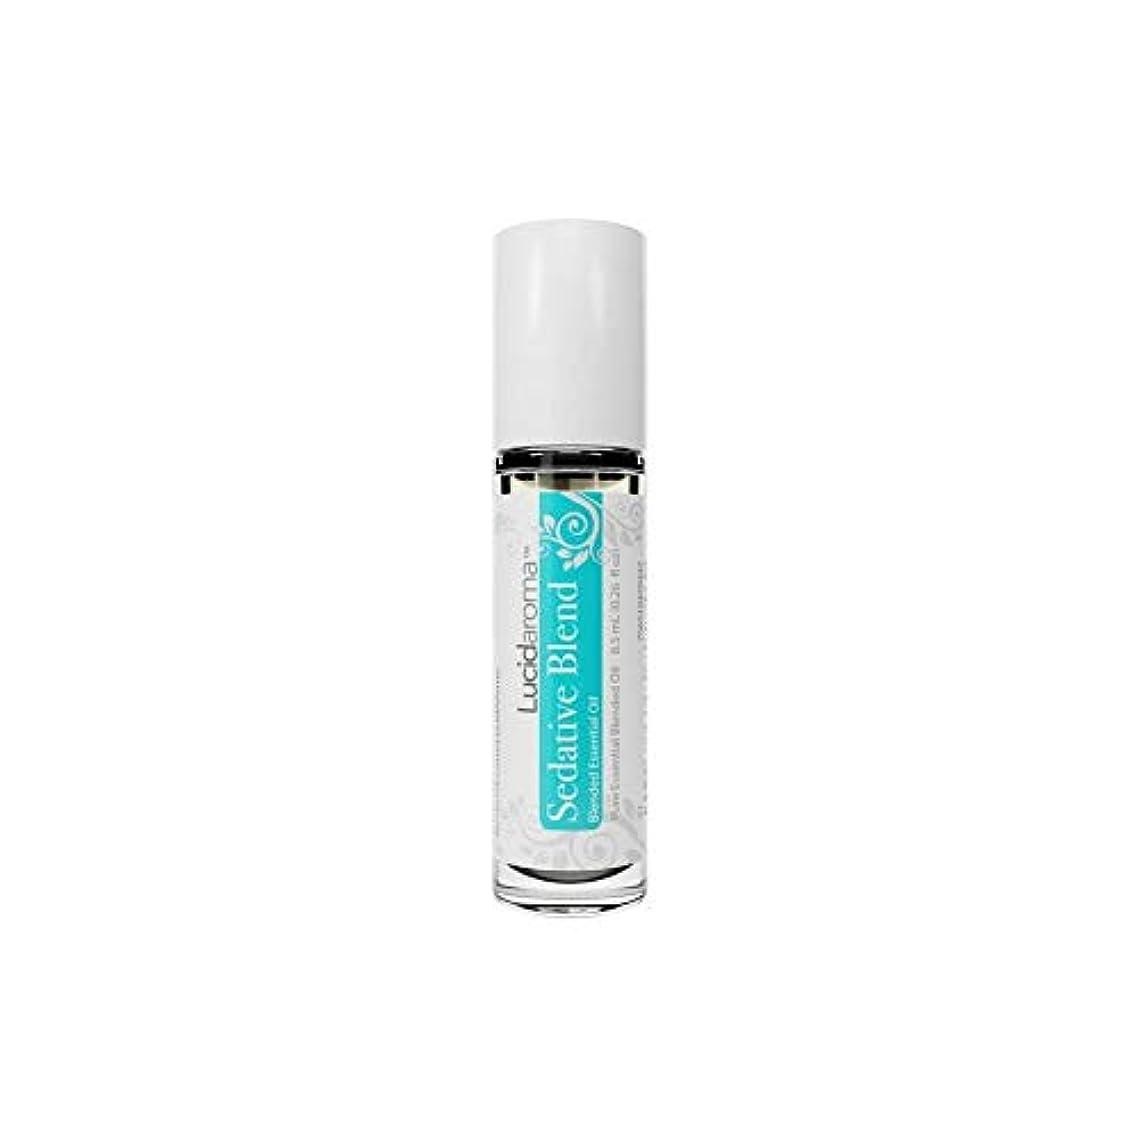 かけがえのない鳴らす狂うLucid Aroma Sedative Blend セダティヴ ブレンド ロールオン アロマオイル 8.5mL (塗るアロマ) 100%天然 携帯便利 ピュア エッセンシャル アメリカ製